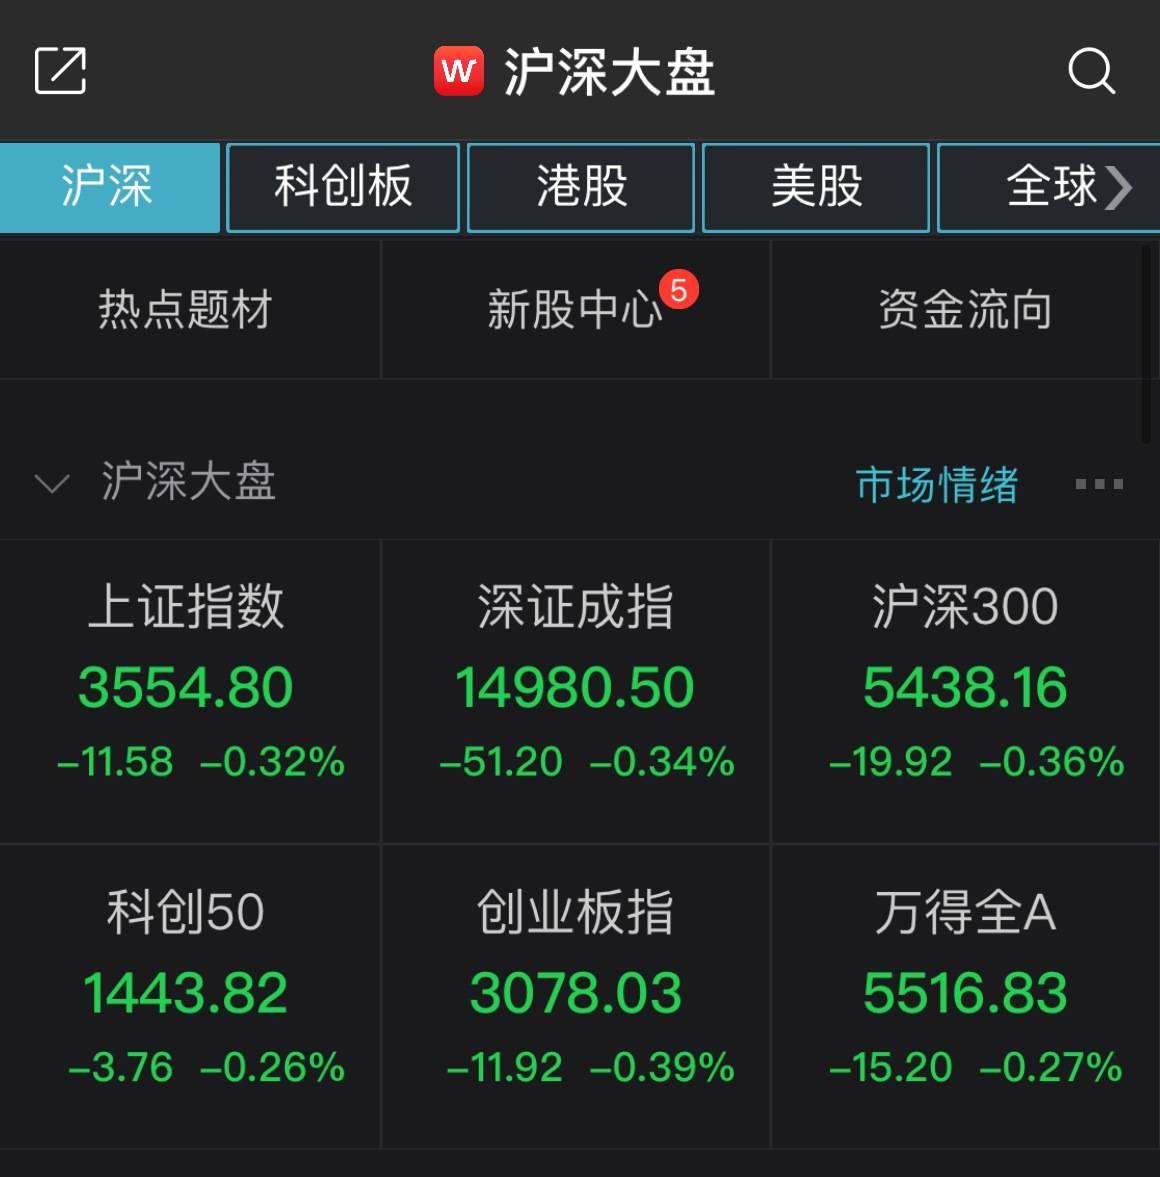 三大股指开盘走低,上证综指下跌0.32%,农业板块领涨